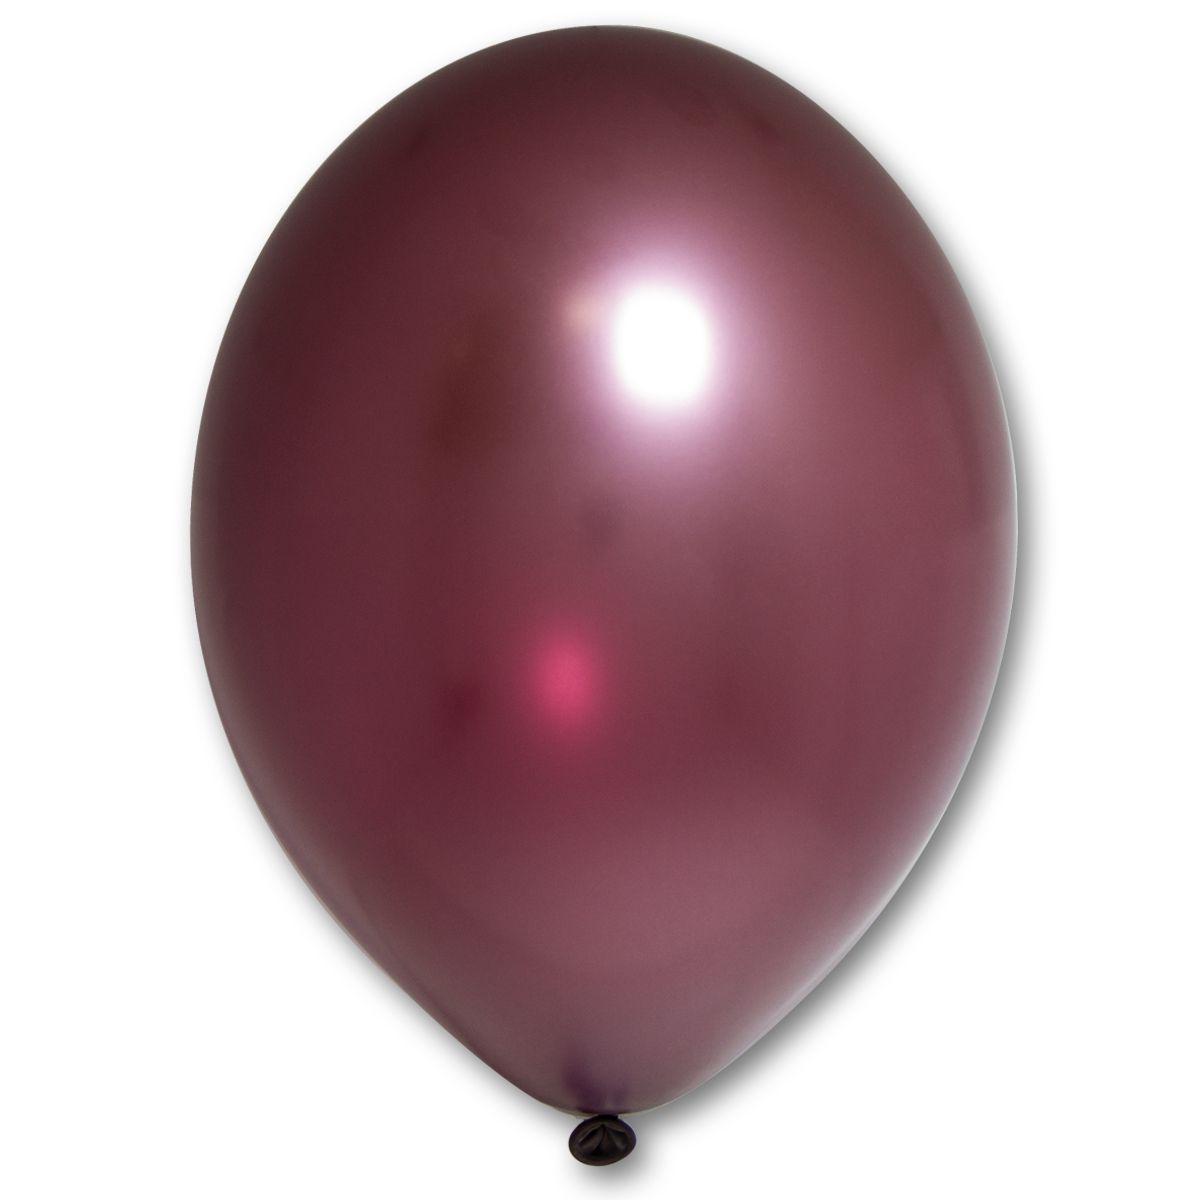 Шар BELBAL (Белбал) В 105/087 Металлик сливовый